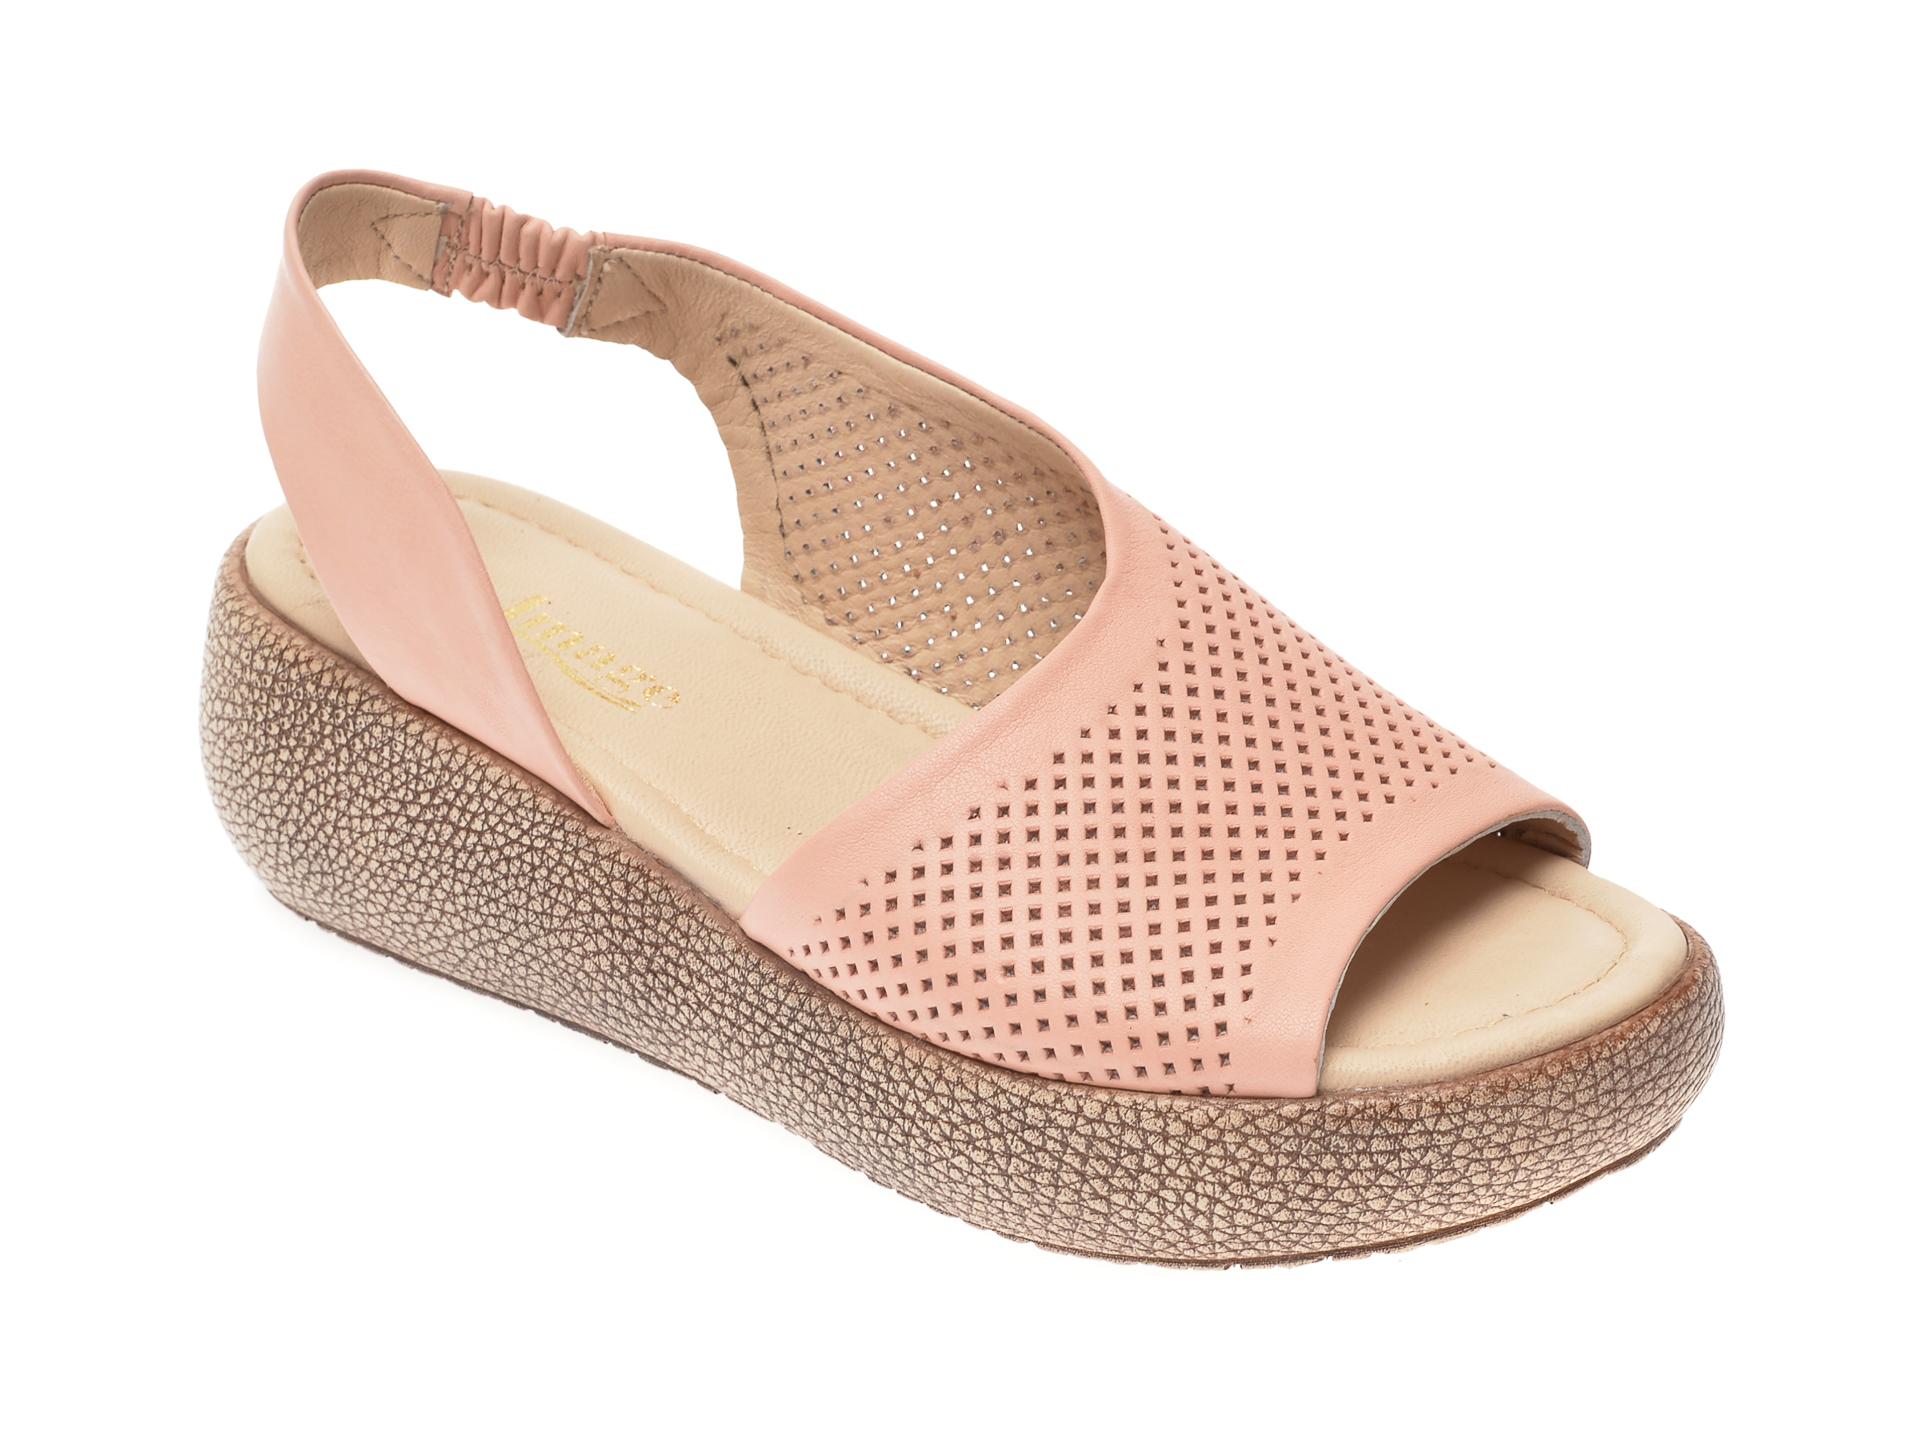 Sandale IMAGE nude, 6033, din piele naturala imagine